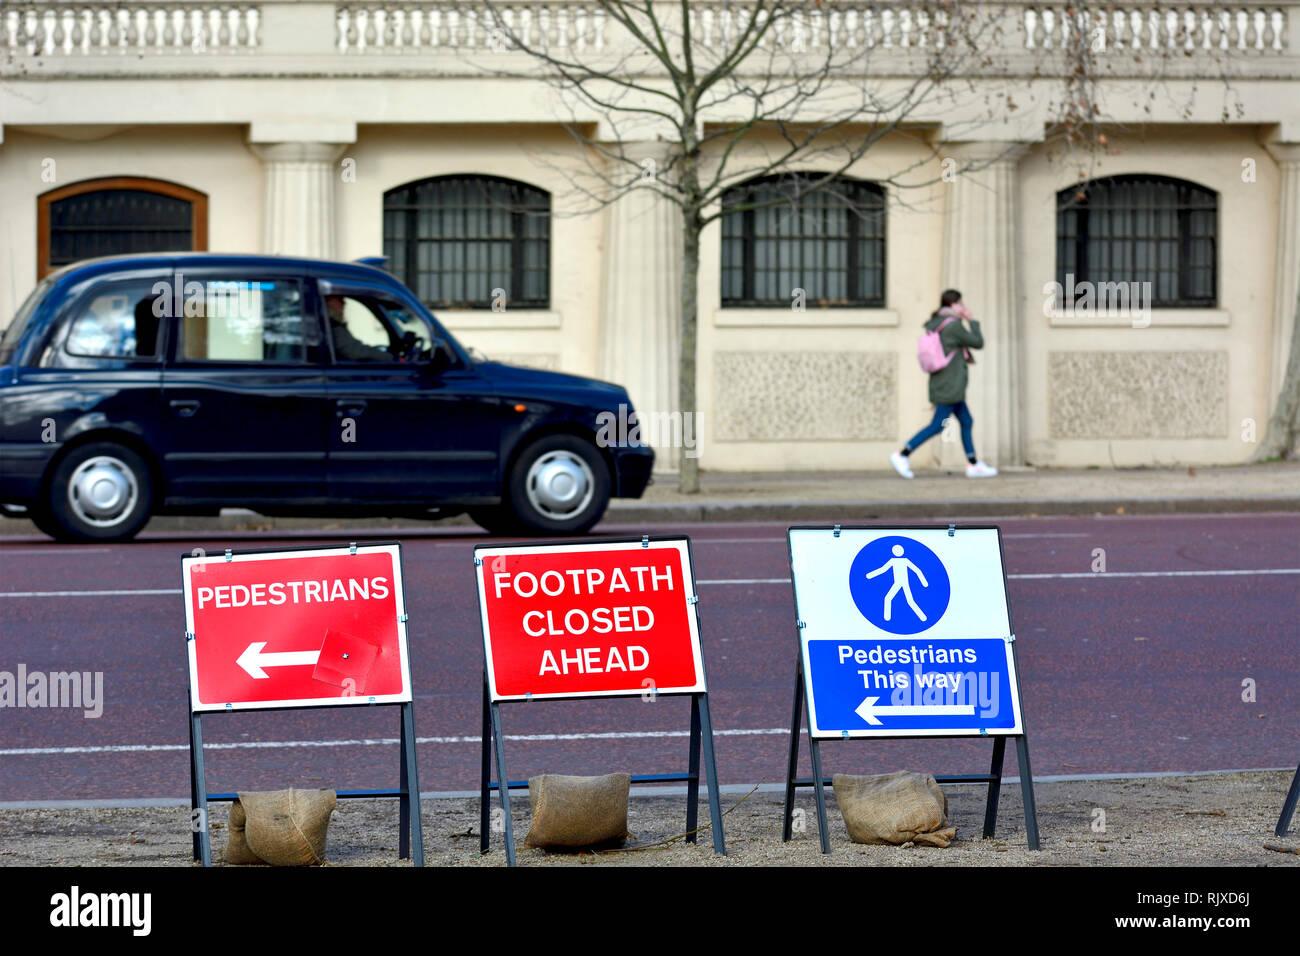 a43dedc8a3 Pedestrian Mall Walking Stock Photos   Pedestrian Mall Walking Stock ...